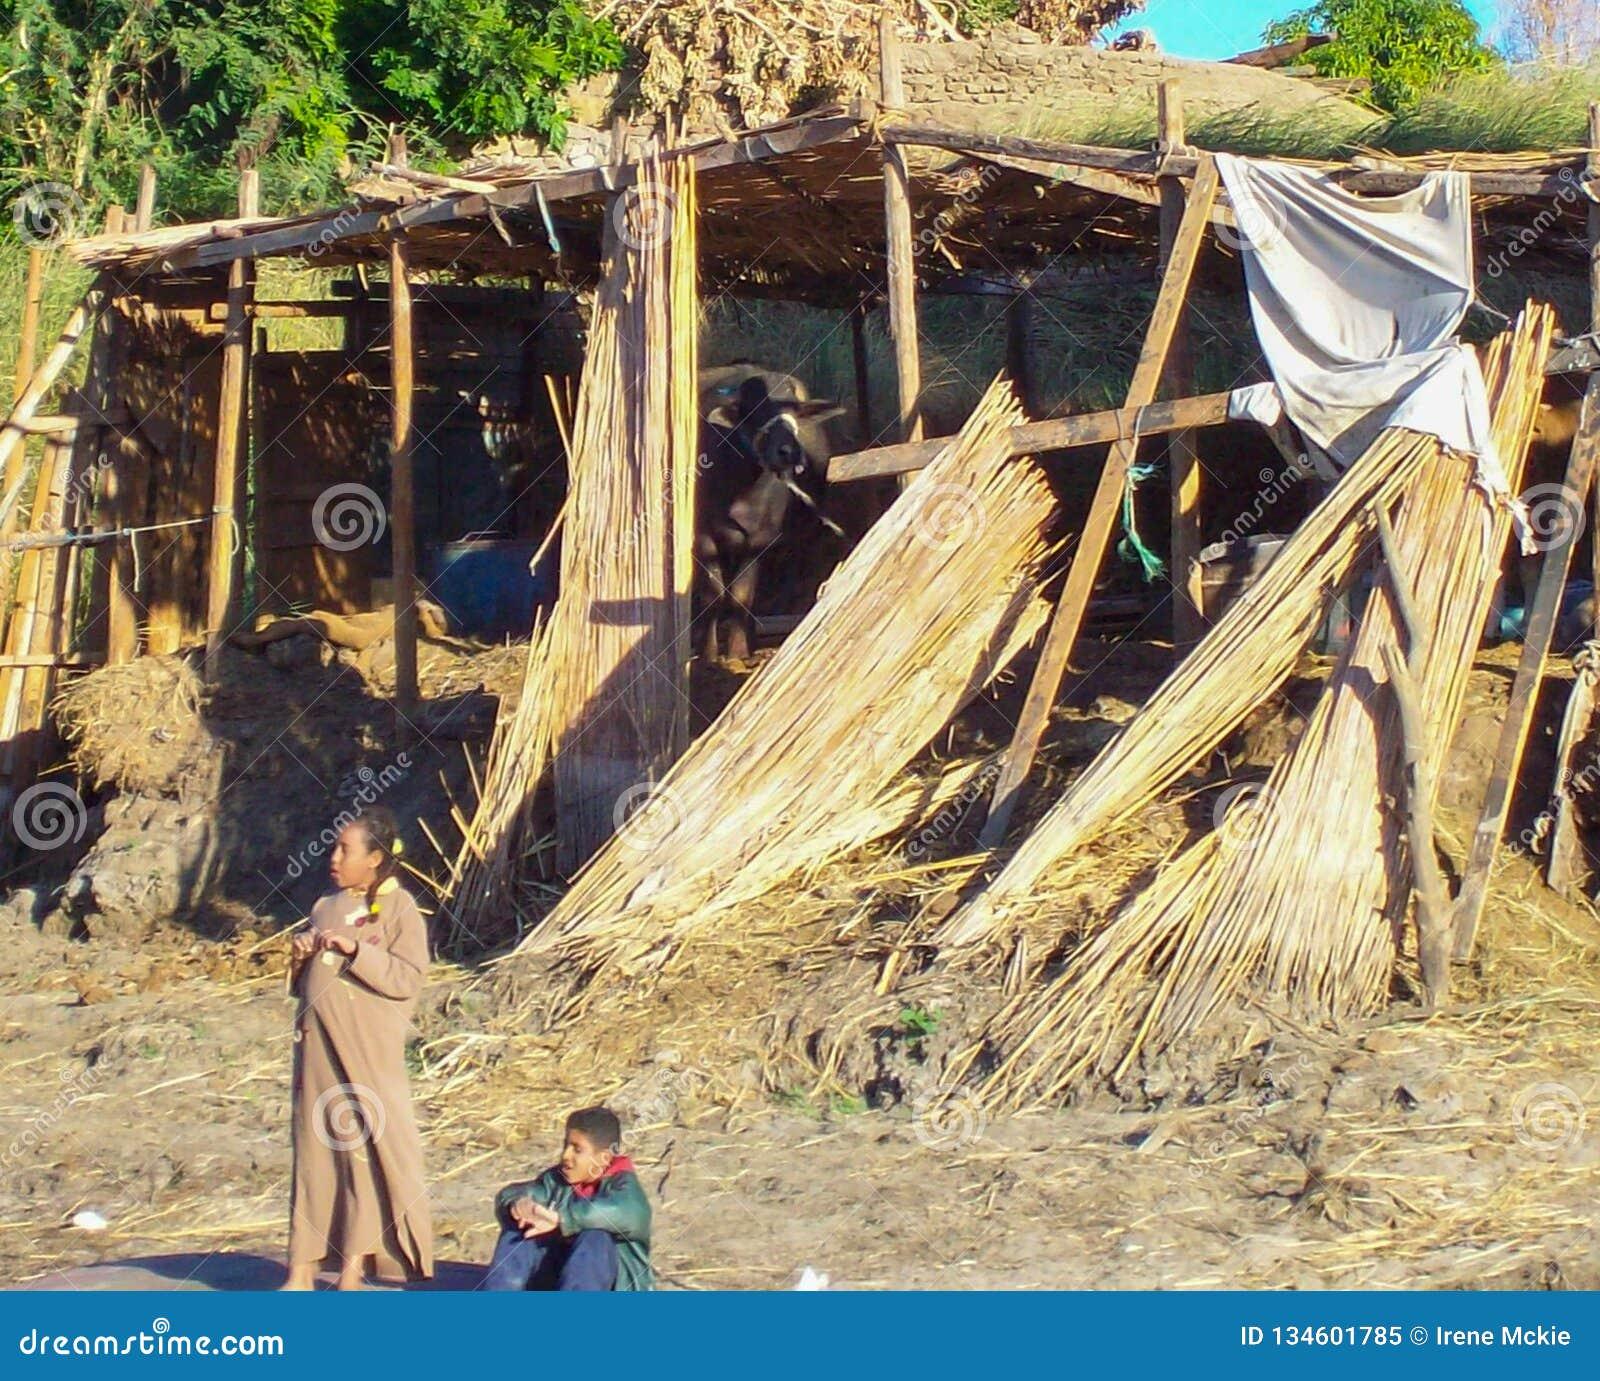 埃及,尼罗,埃及当地COS埃及人的槽枥,有家畜的两儿童纸莎草仓促,孩子